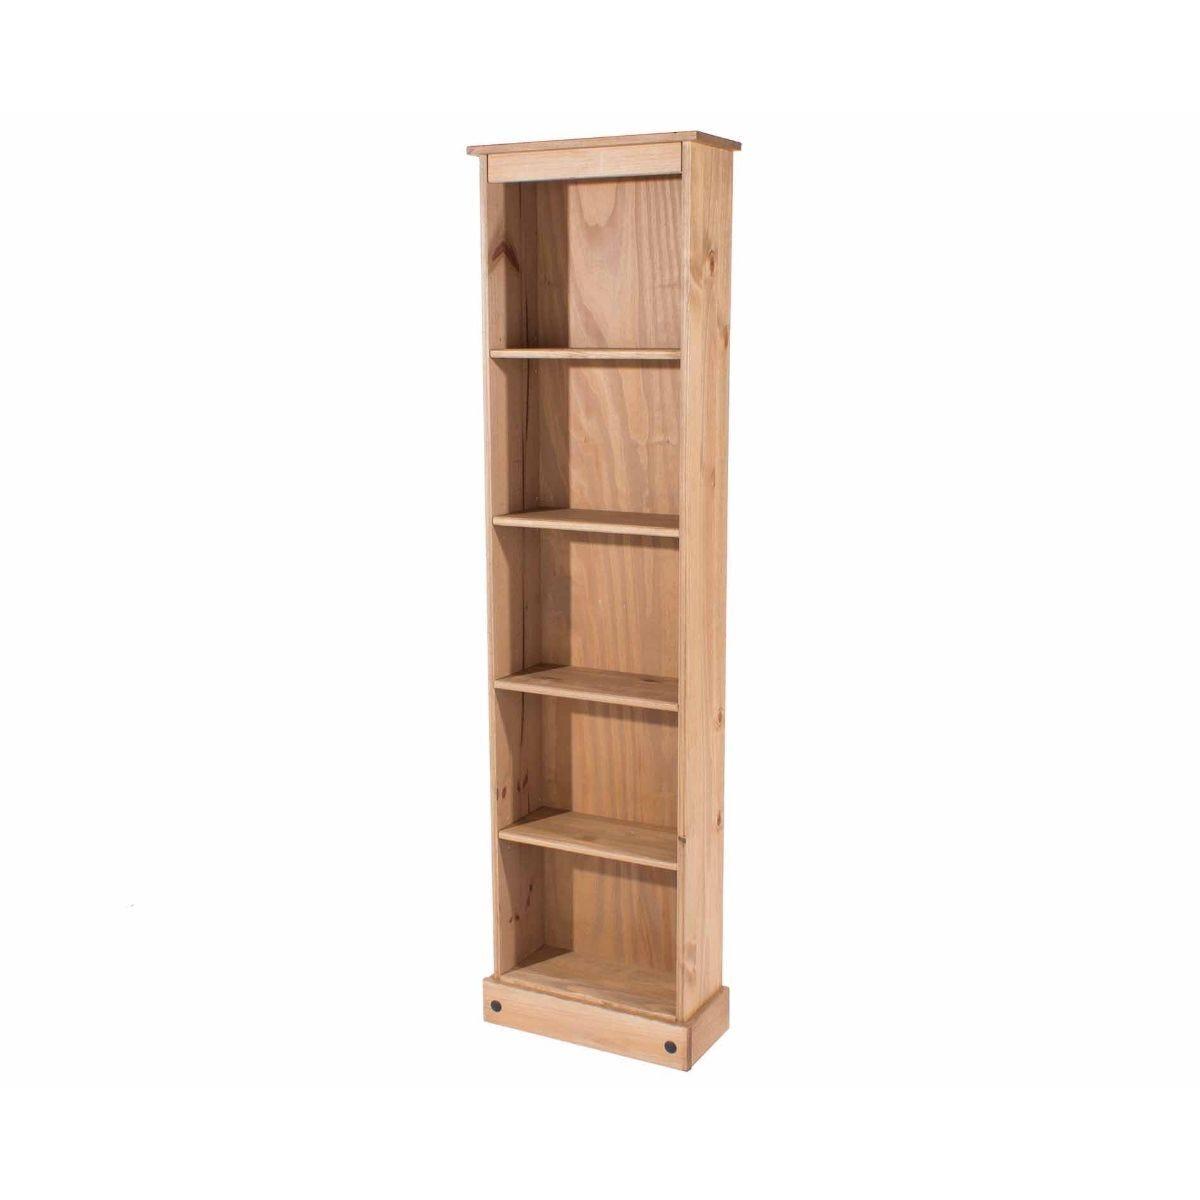 Corona Antique Wax Tall Narrow Bookcase